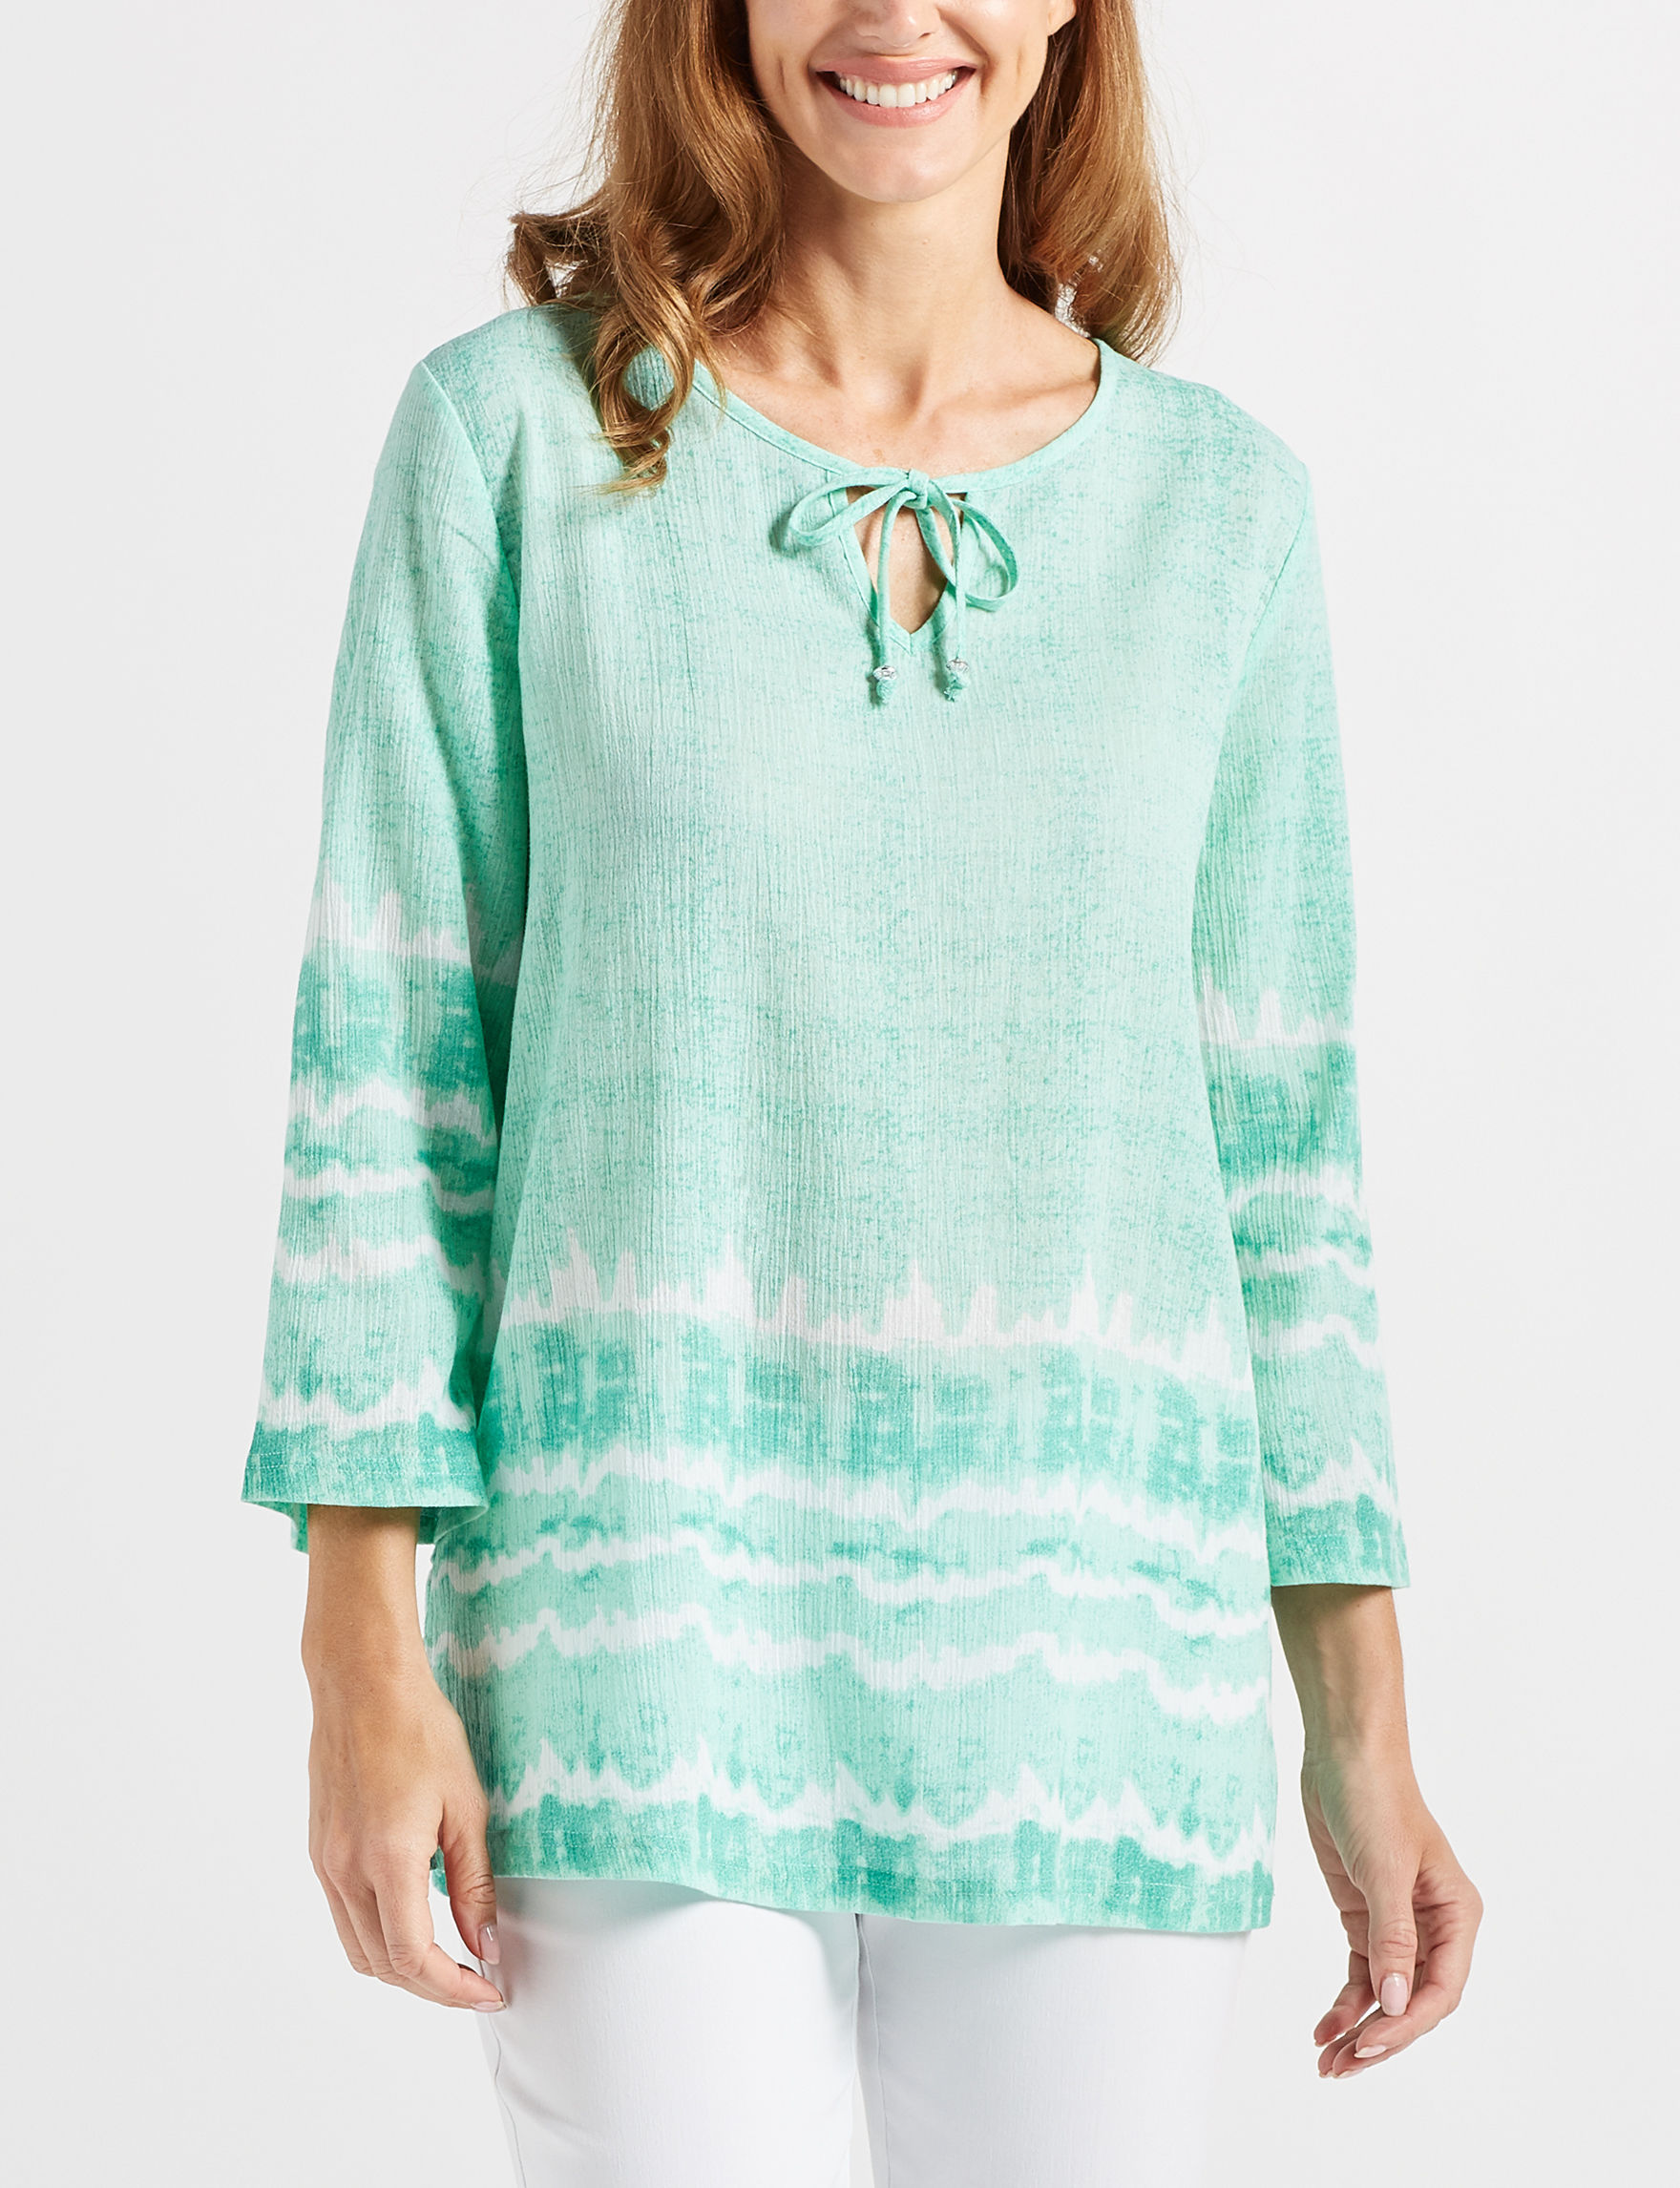 Cathy Daniels Aqua Shirts & Blouses